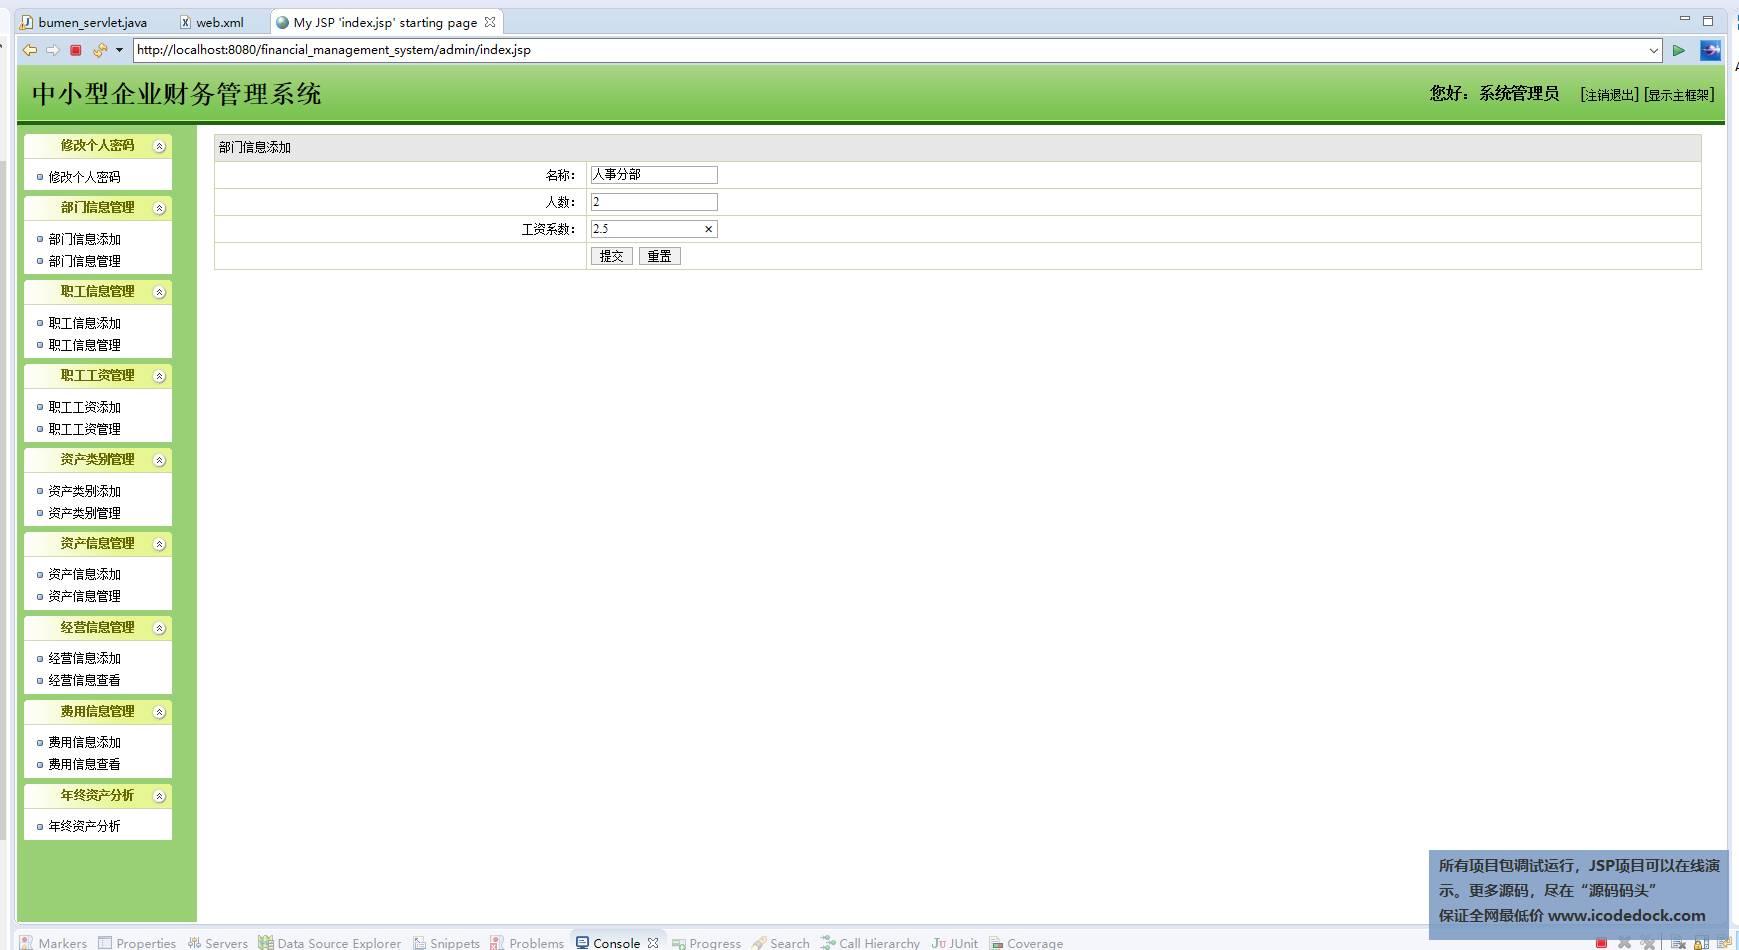 源码码头-JSP企业财务管理系统-管理员角色-添加部门